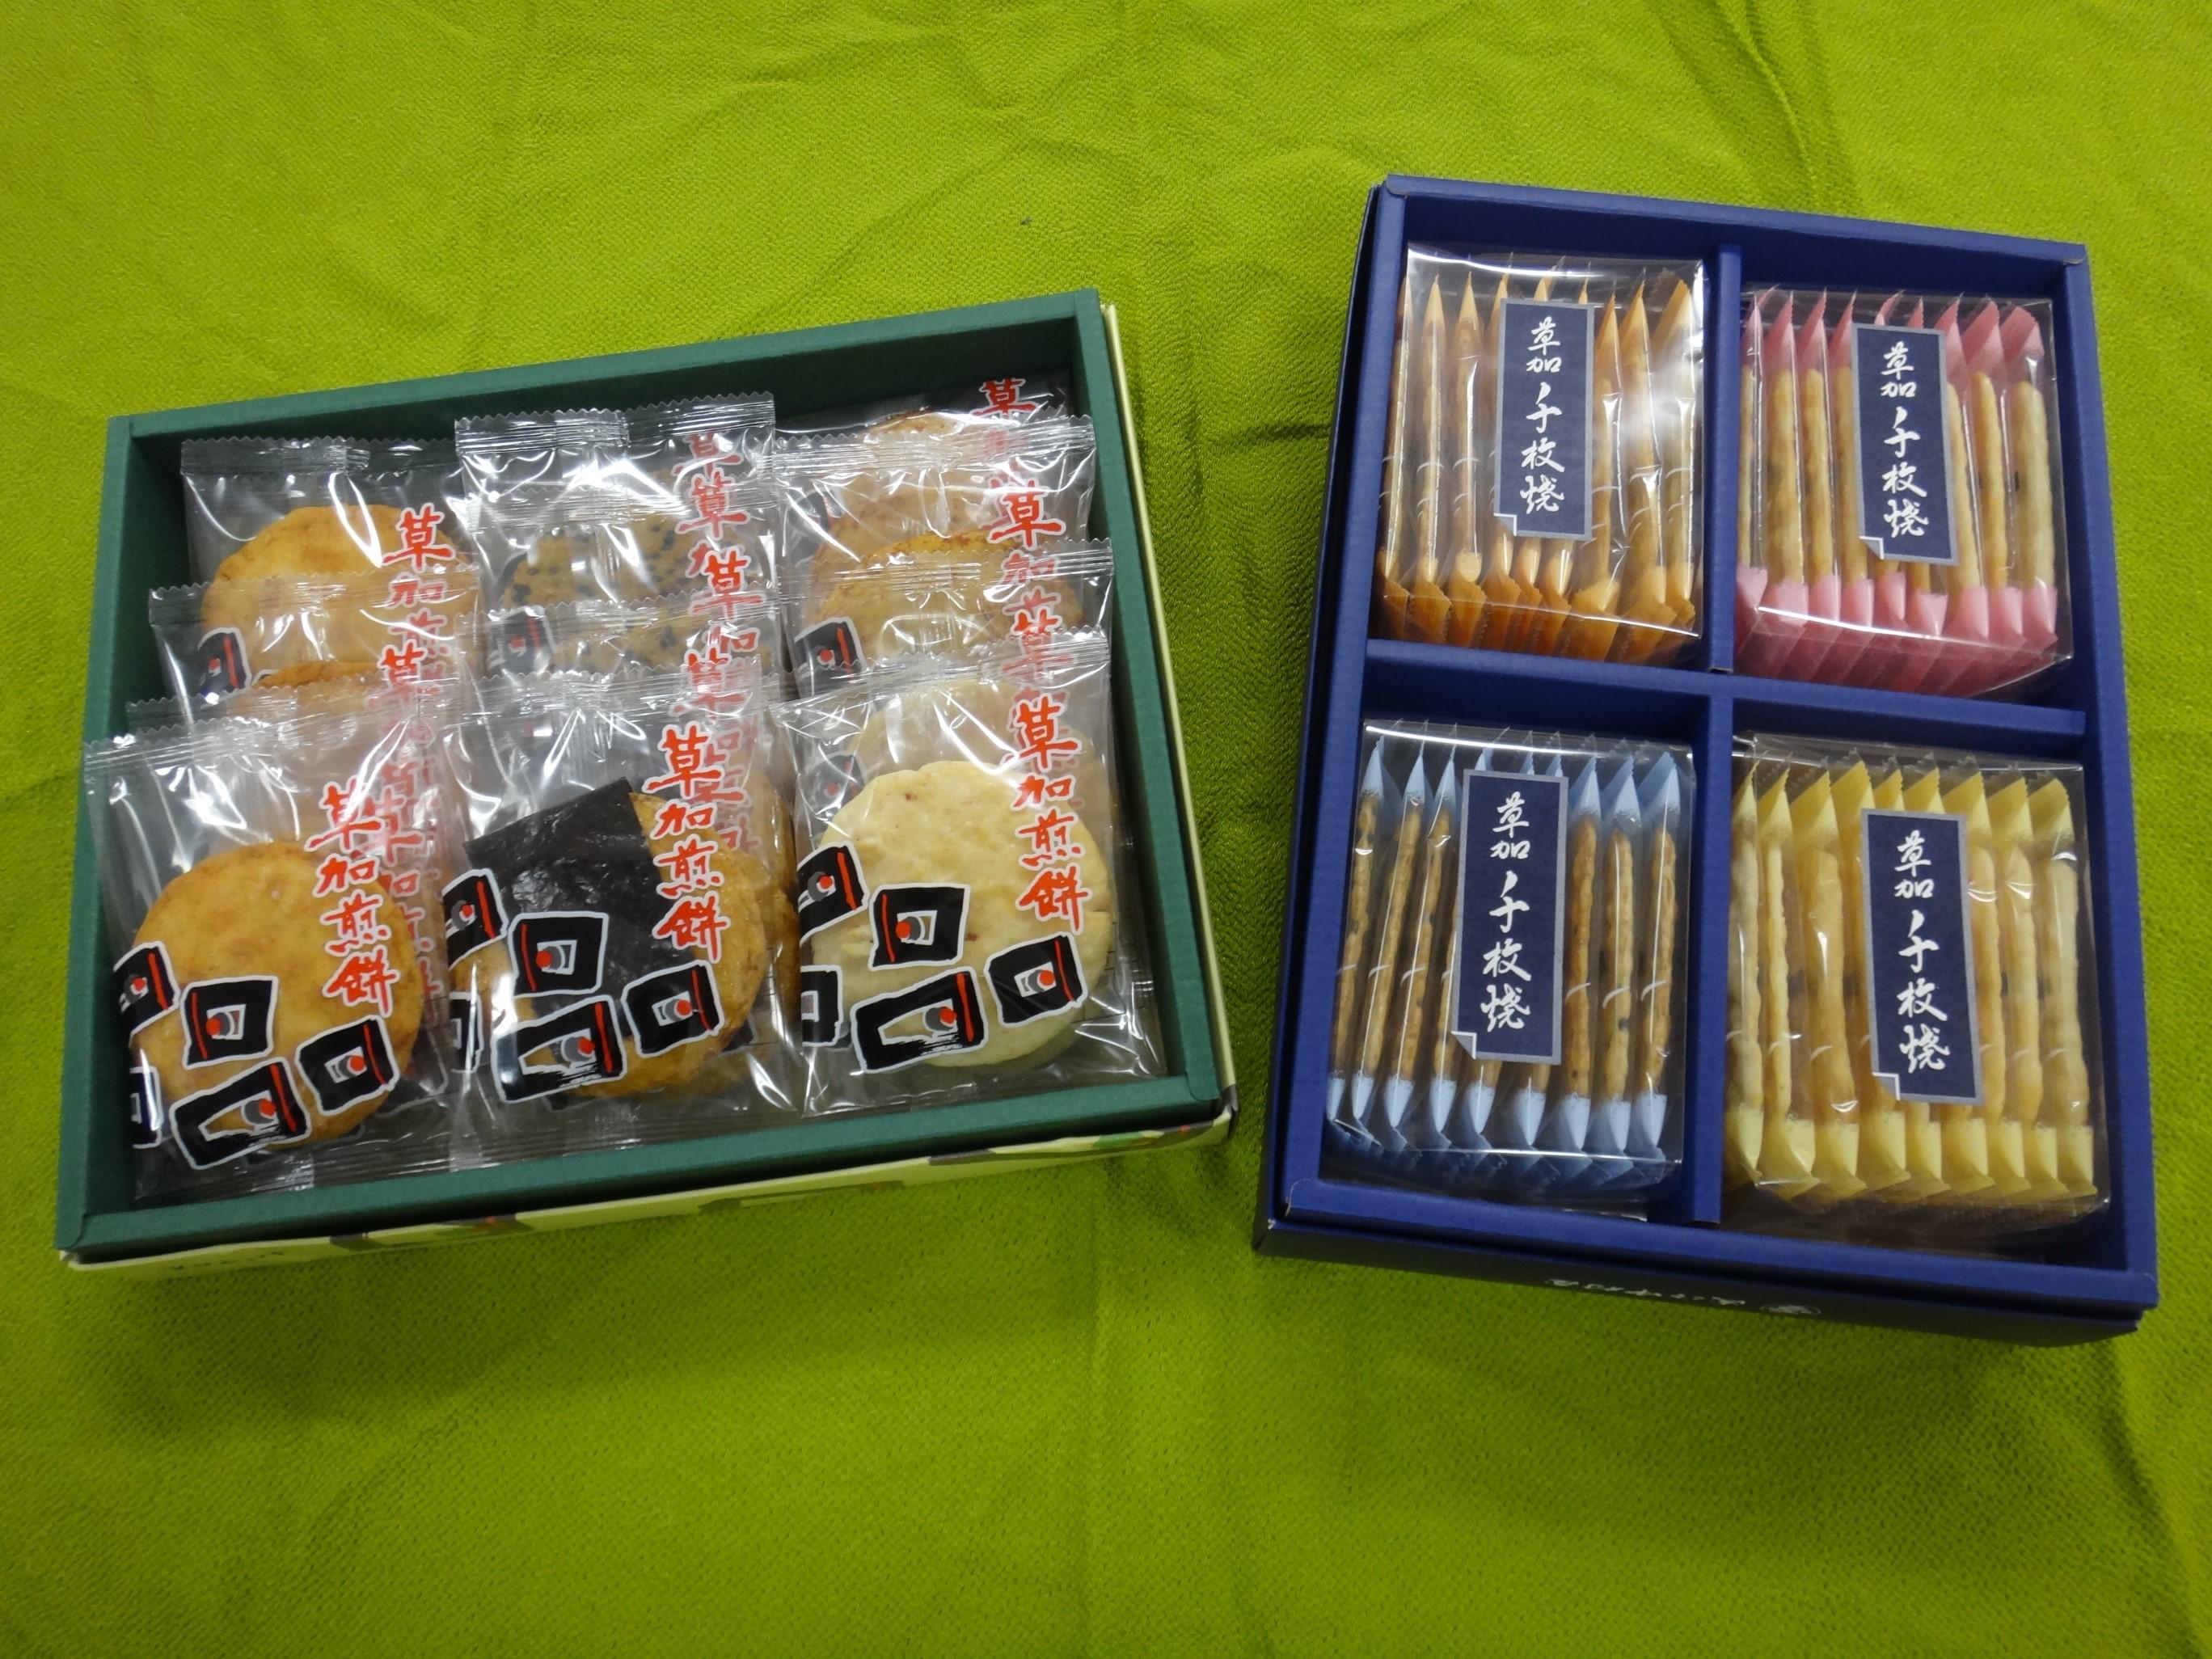 【お買い得商品!】草加煎餅・草加千枚焼セット